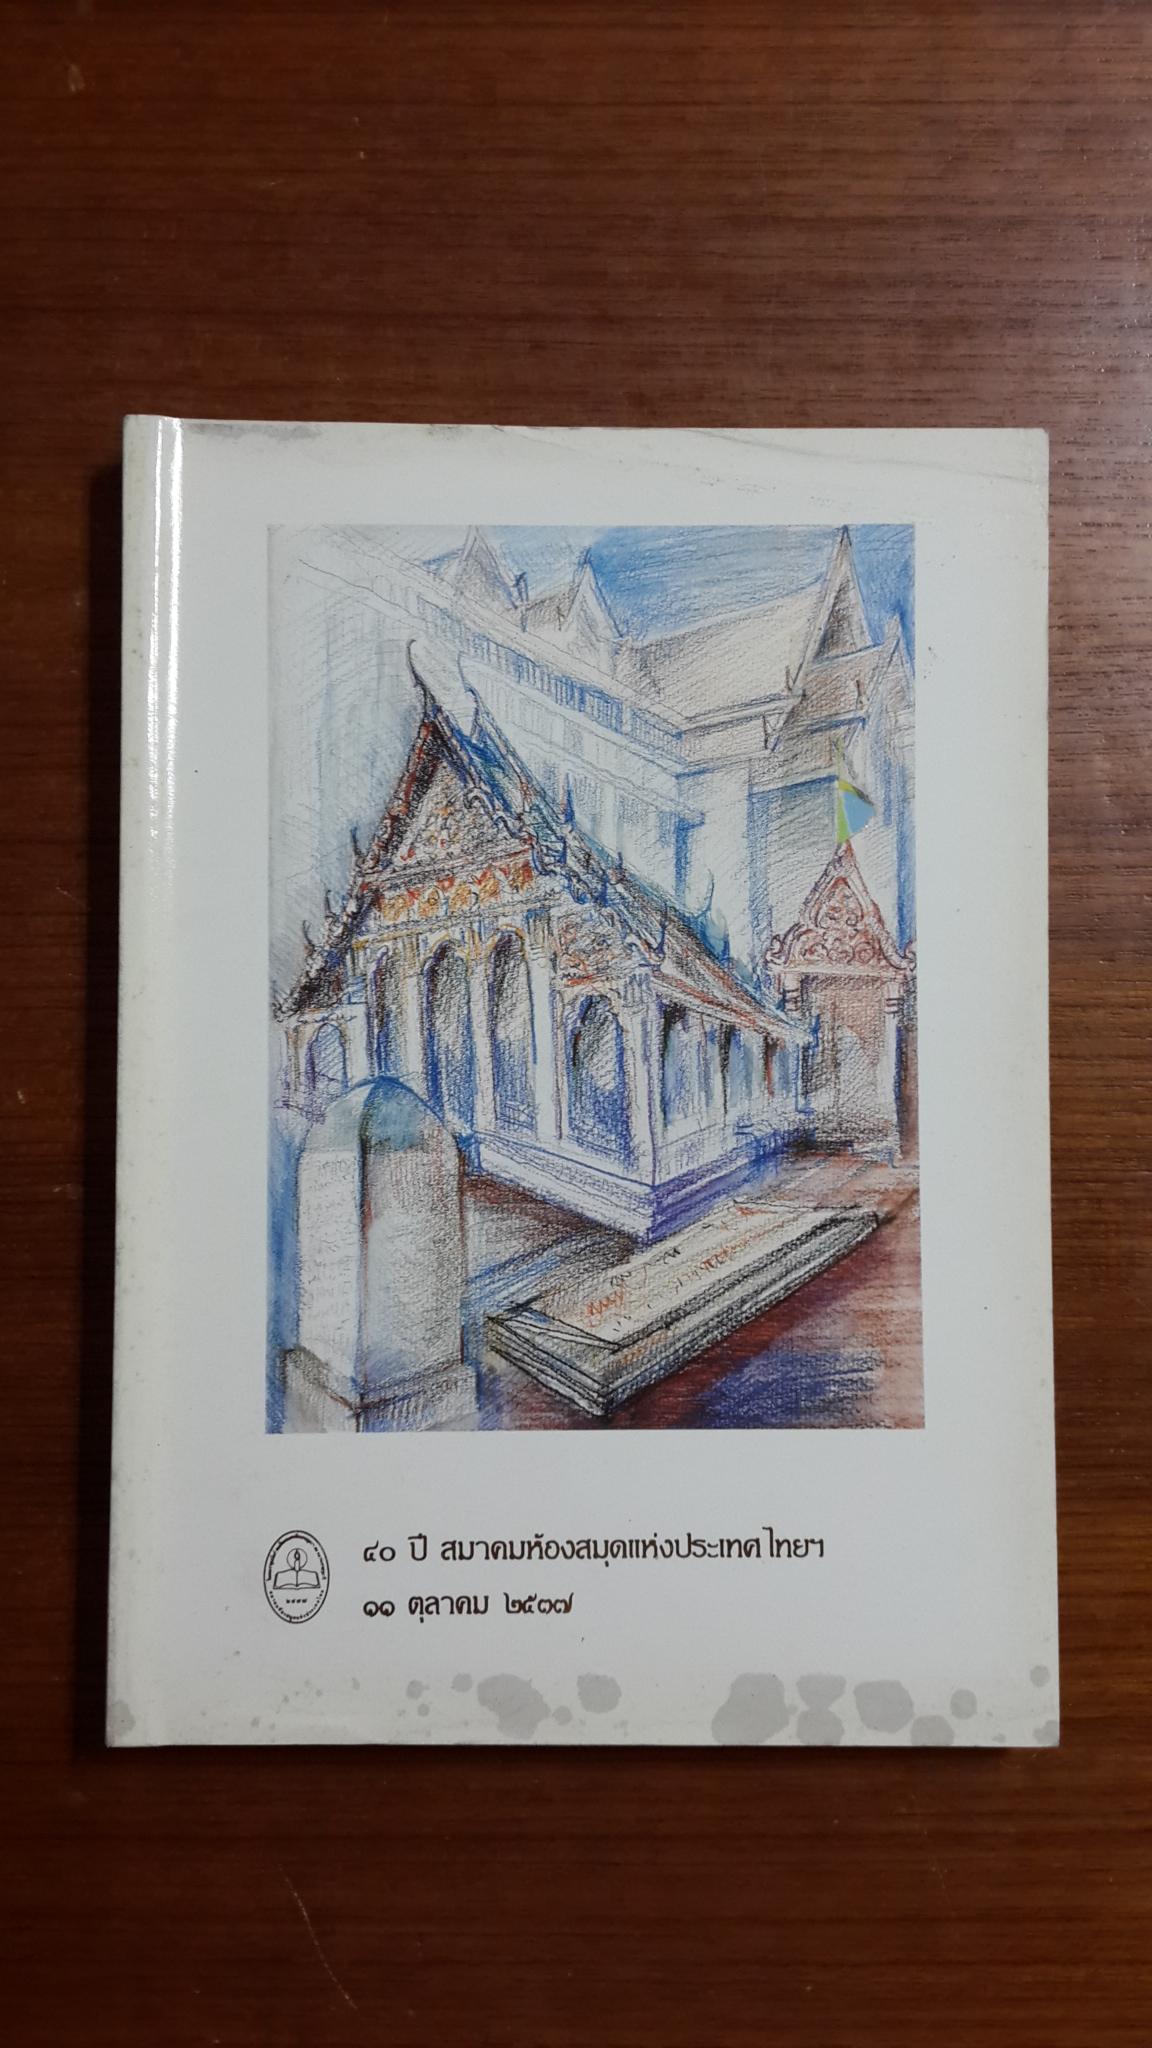 หนังสือที่ระลึก ๔๐ ปี สมาคมห้องสมุดแห่งประเทศไทยฯ ๑๑ ตุลาคม ๒๕๓๗